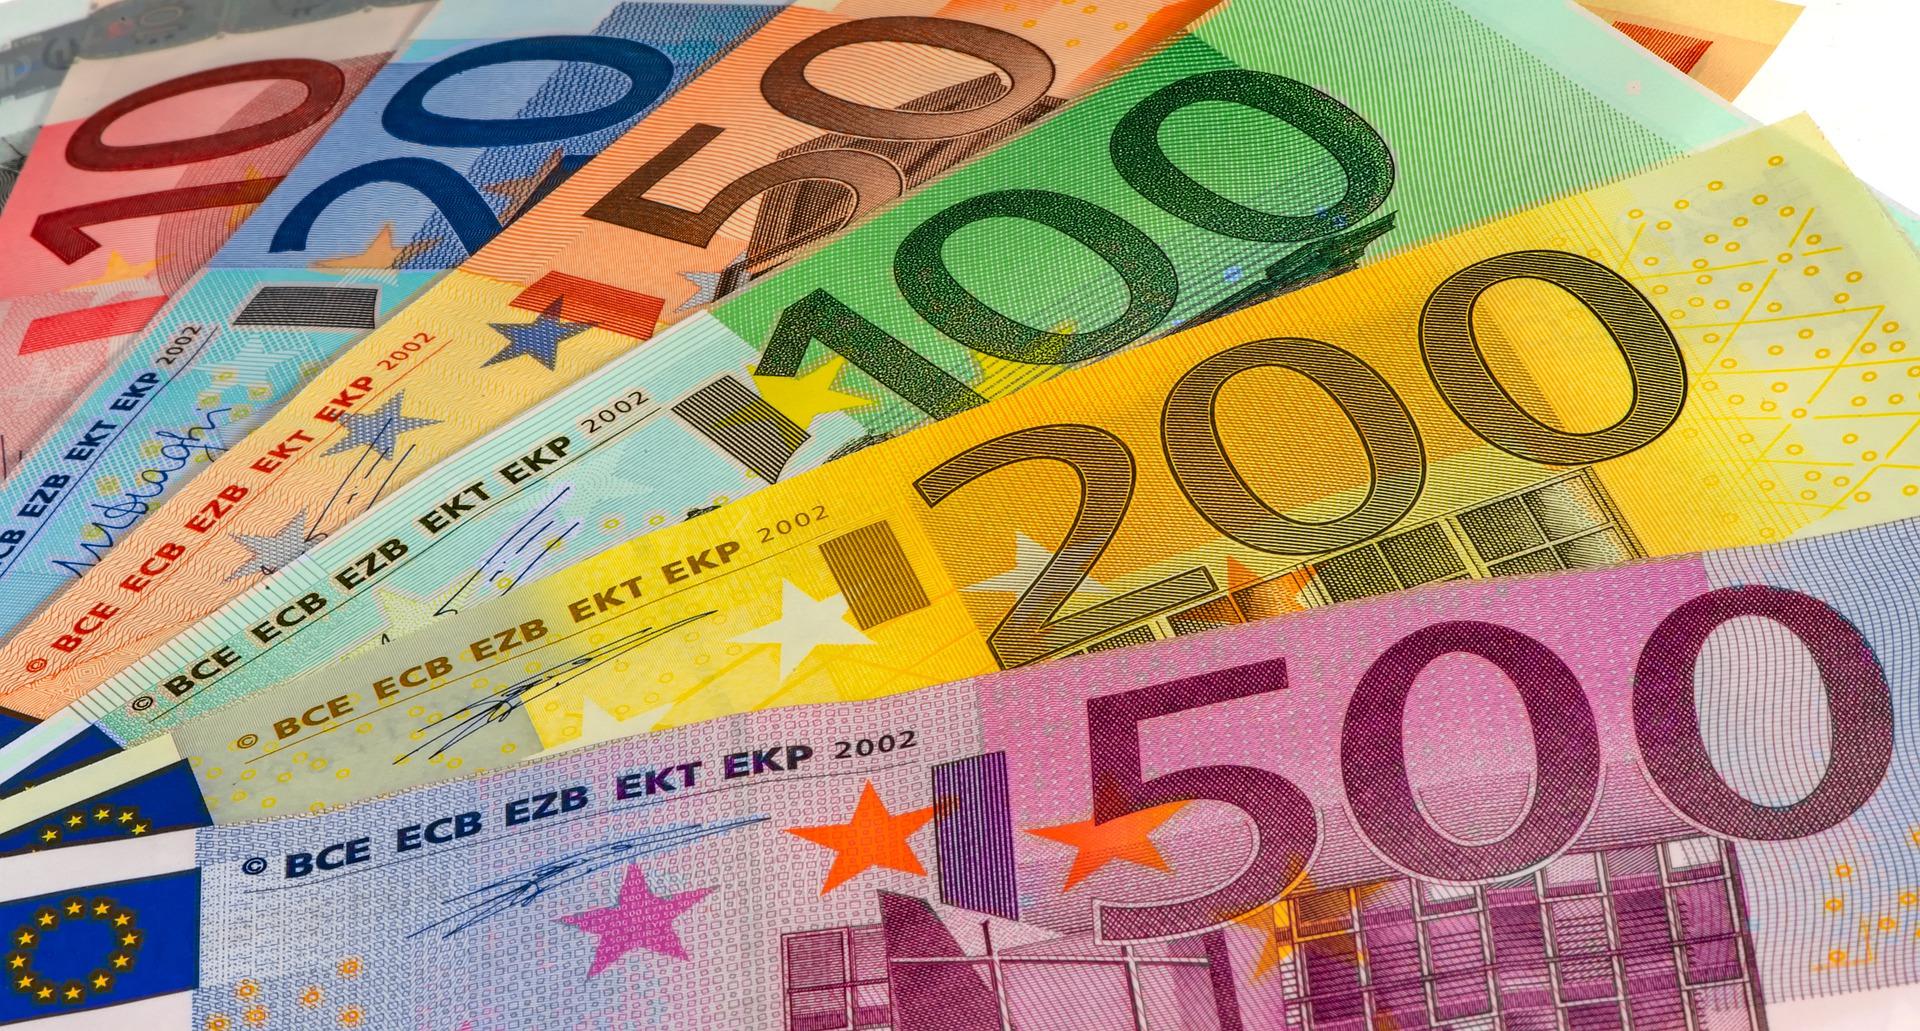 Estado obrigado a devolver a herdeiros dinheiro de certificados de aforro